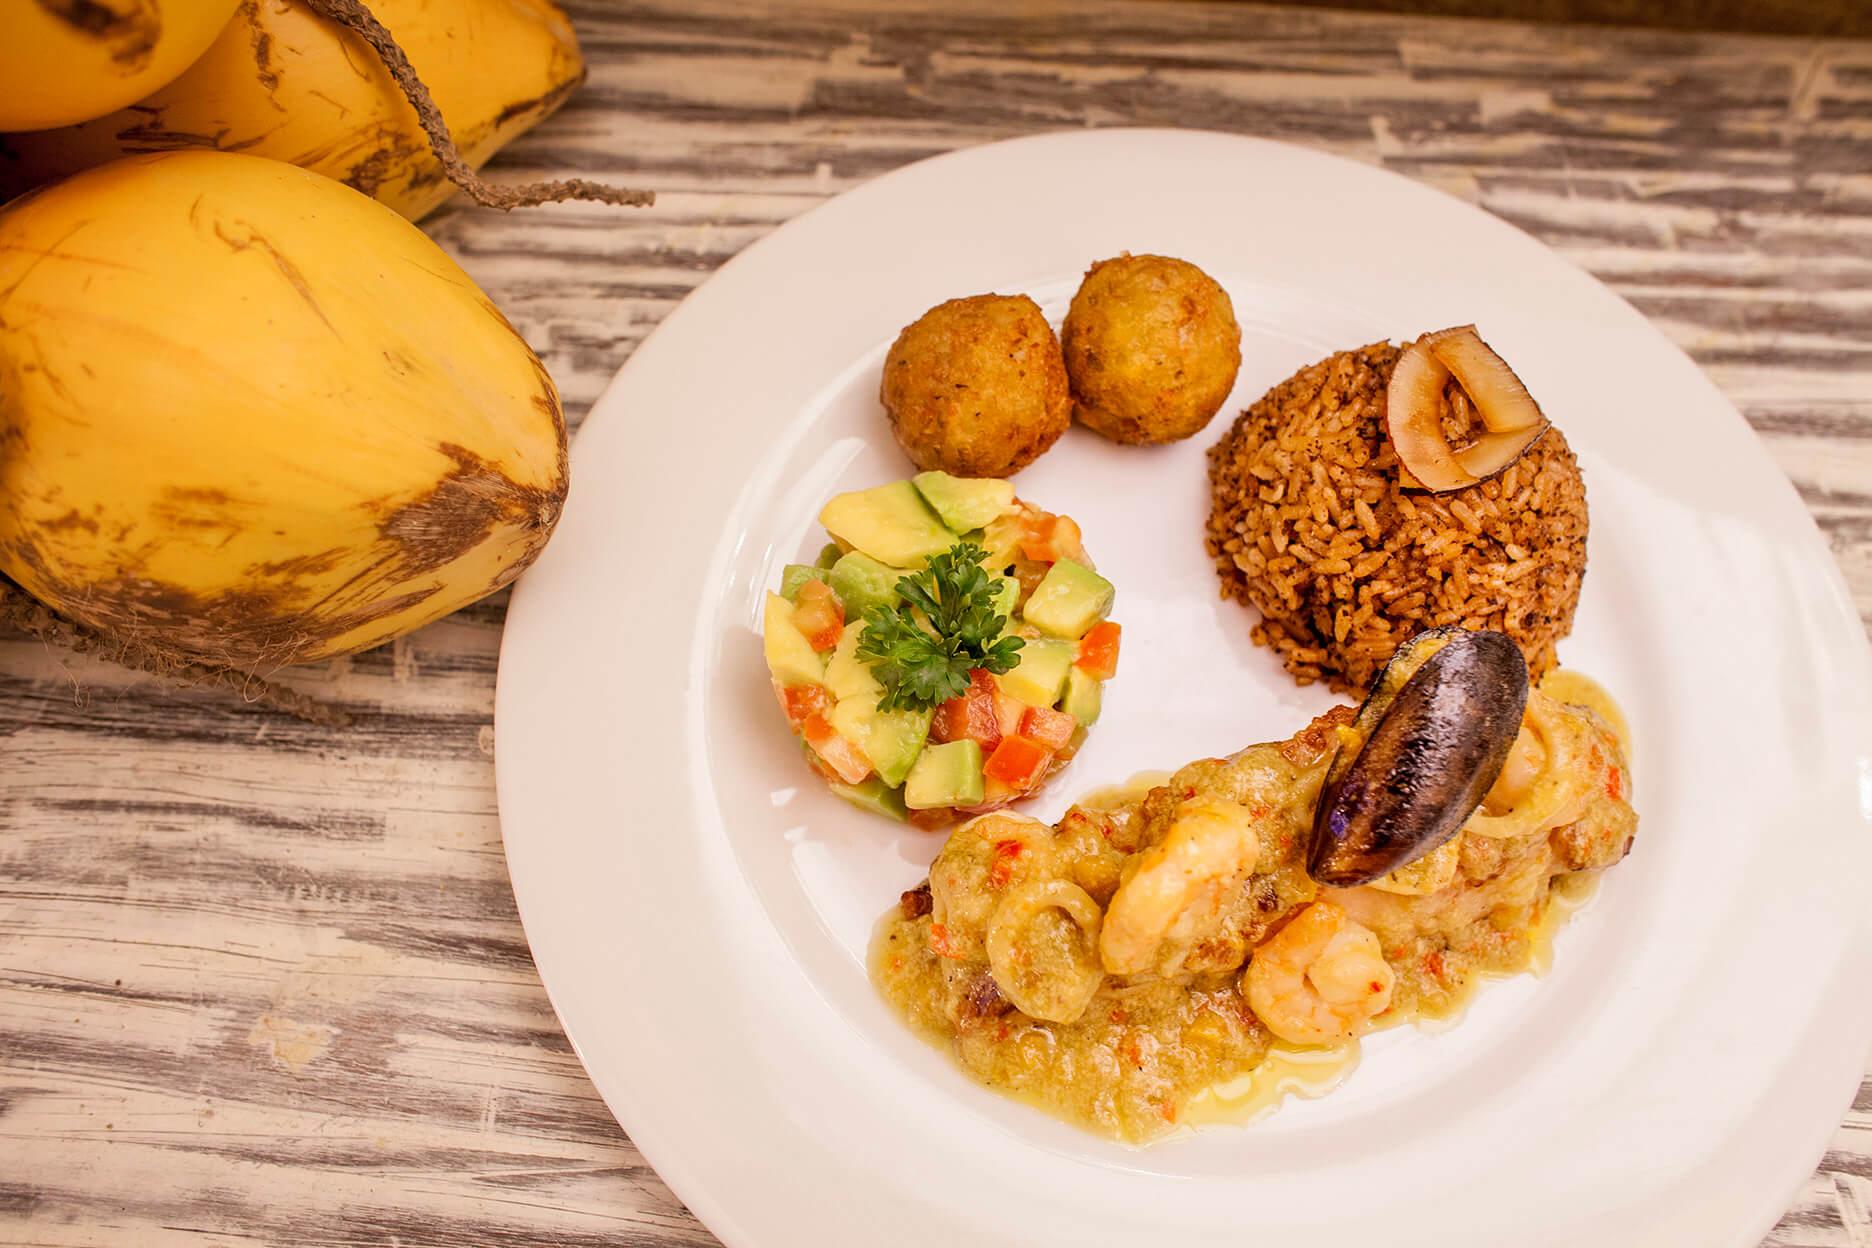 Comidas típicas da Colômbia